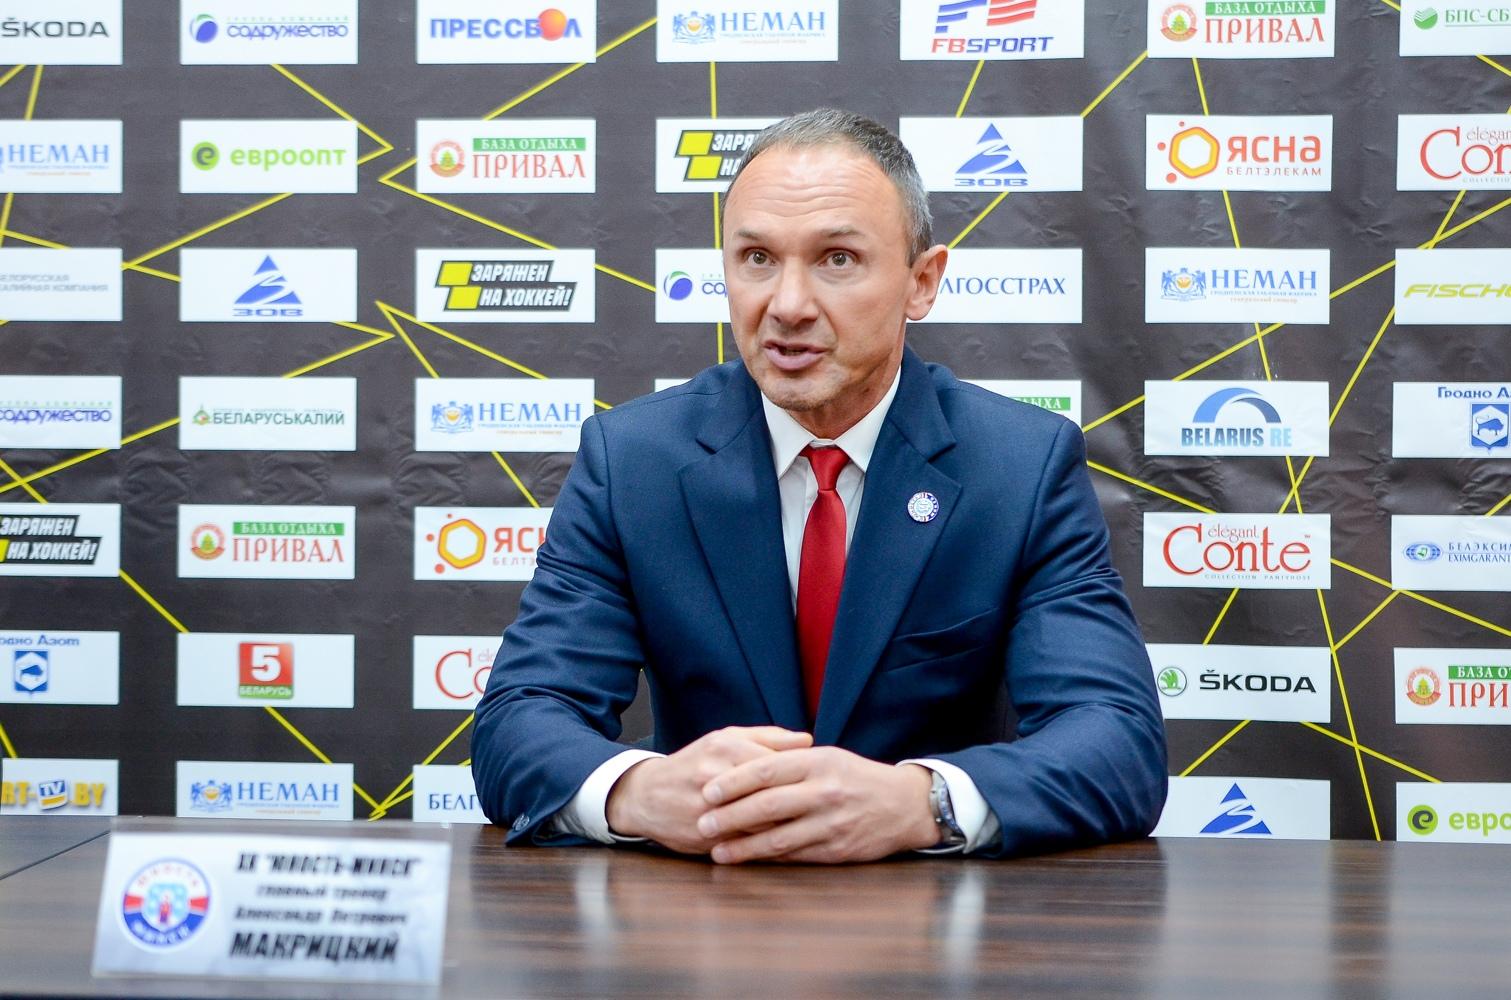 Александр Макрицкий: своего возвращения в КХЛ не исключаю